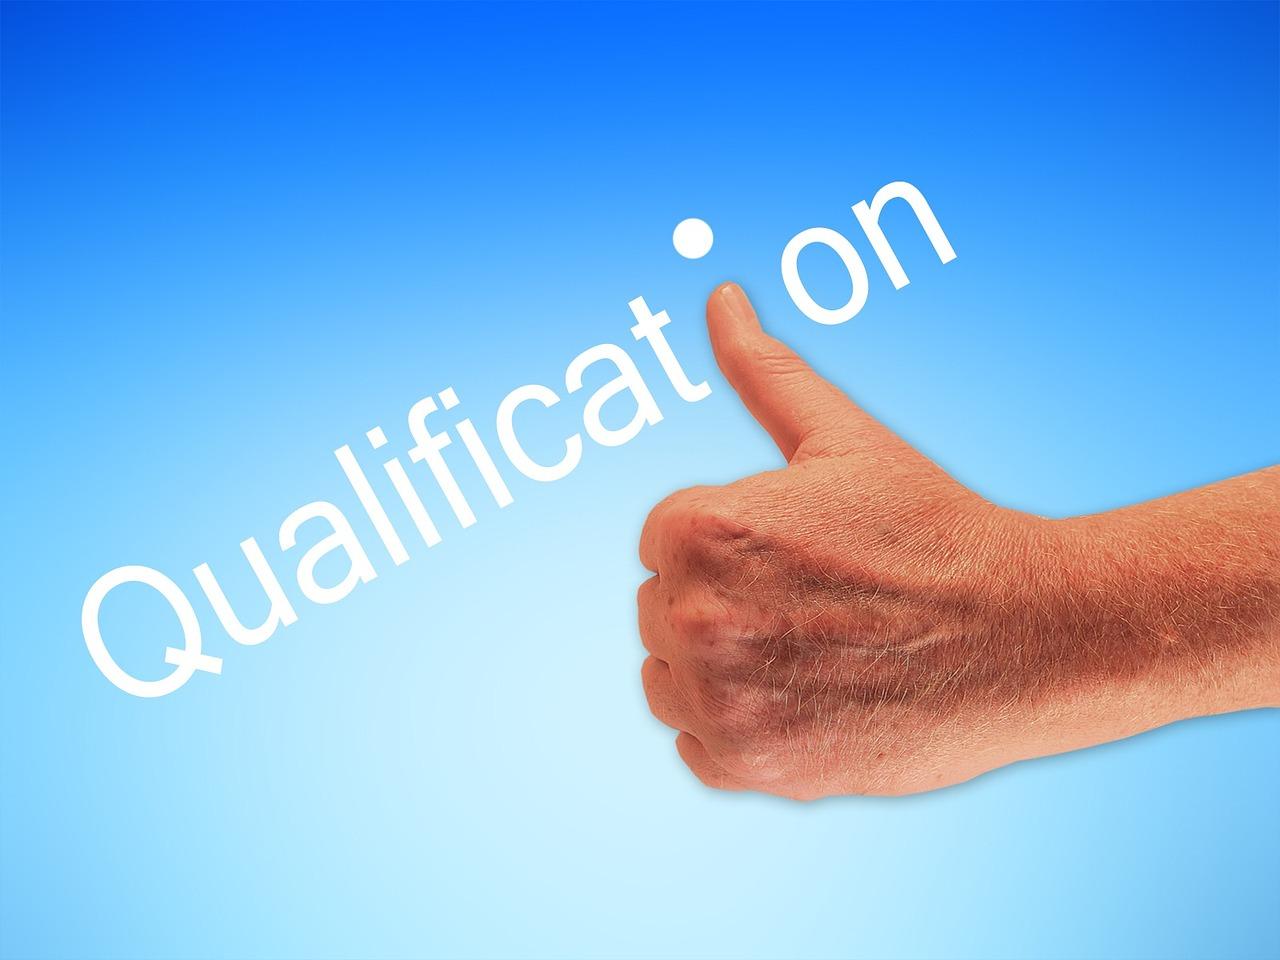 フリーライターに資格は必要ない。でもあったら便利な資格8選